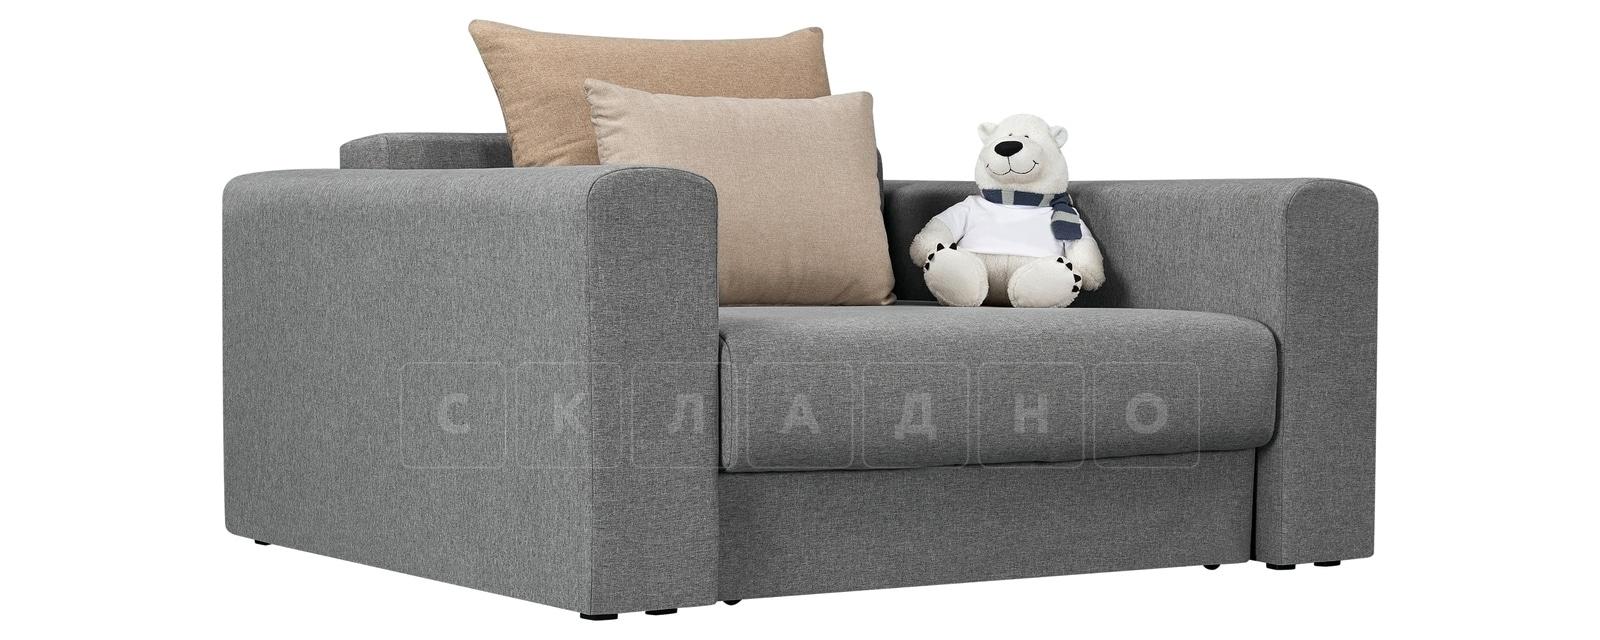 Кресло Медисон 100 см серого цвета фото 1 | интернет-магазин Складно